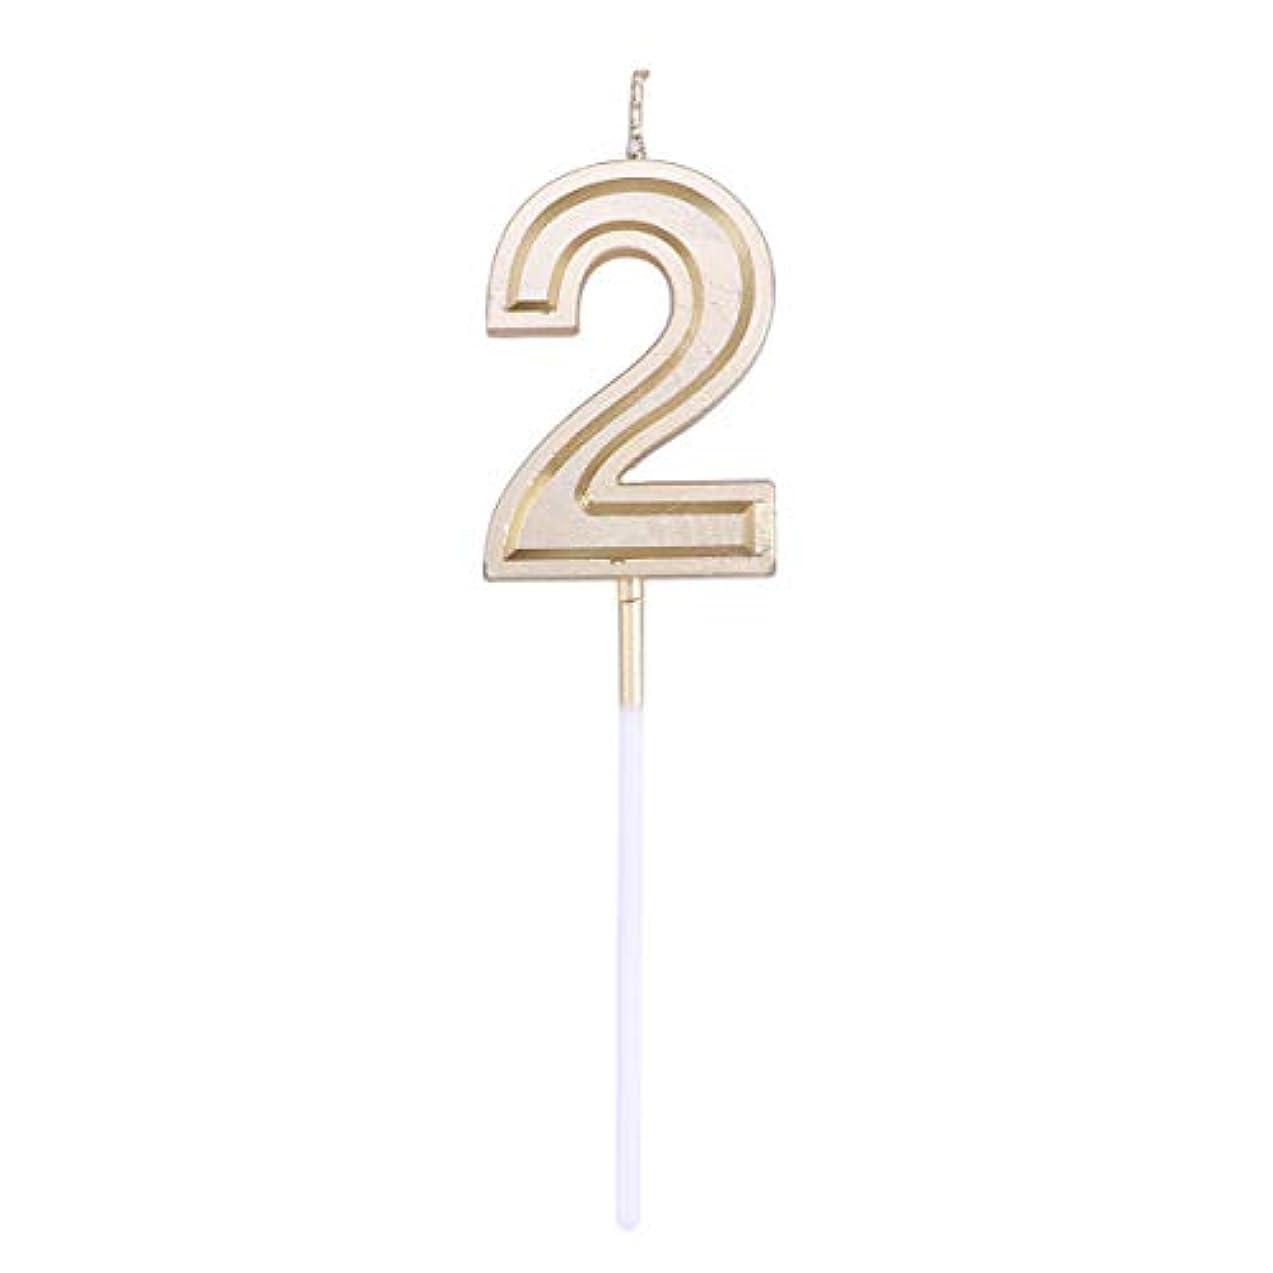 精巧なクラックソーセージToyvian ゴールドラメ誕生日おめでとう数字キャンドル番号キャンドルケーキトッパー装飾用大人キッズパーティー(ナンバー2)